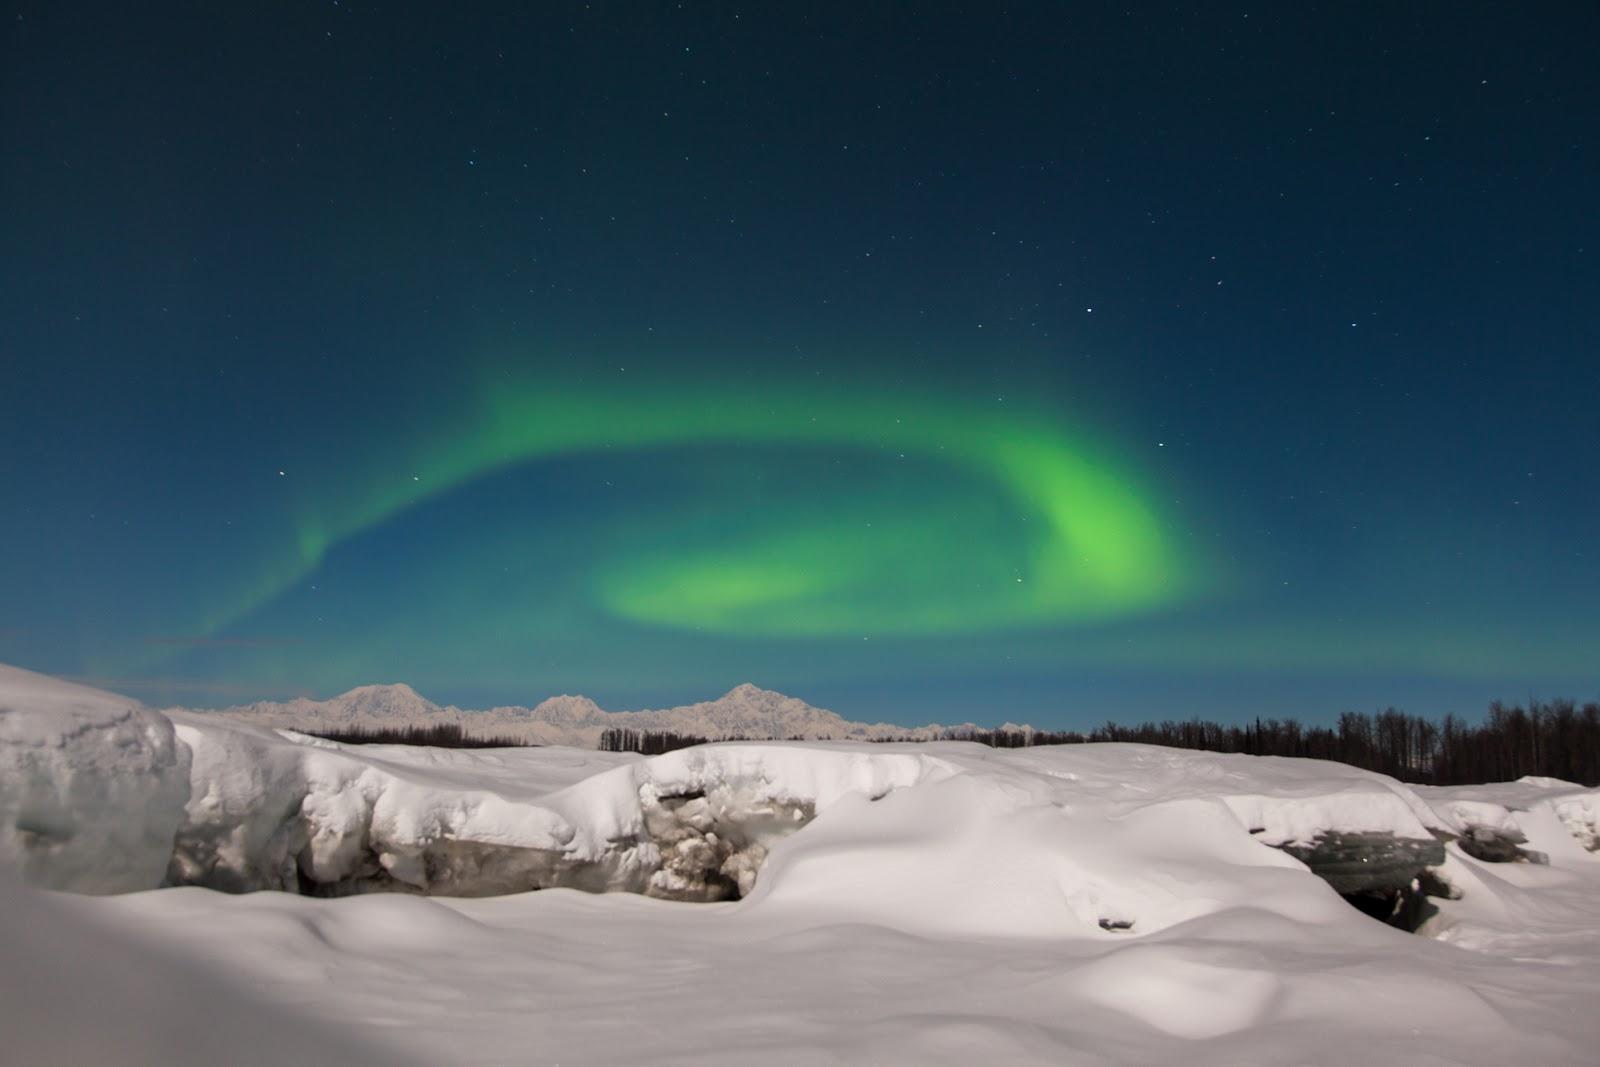 northern lights over Alaska.